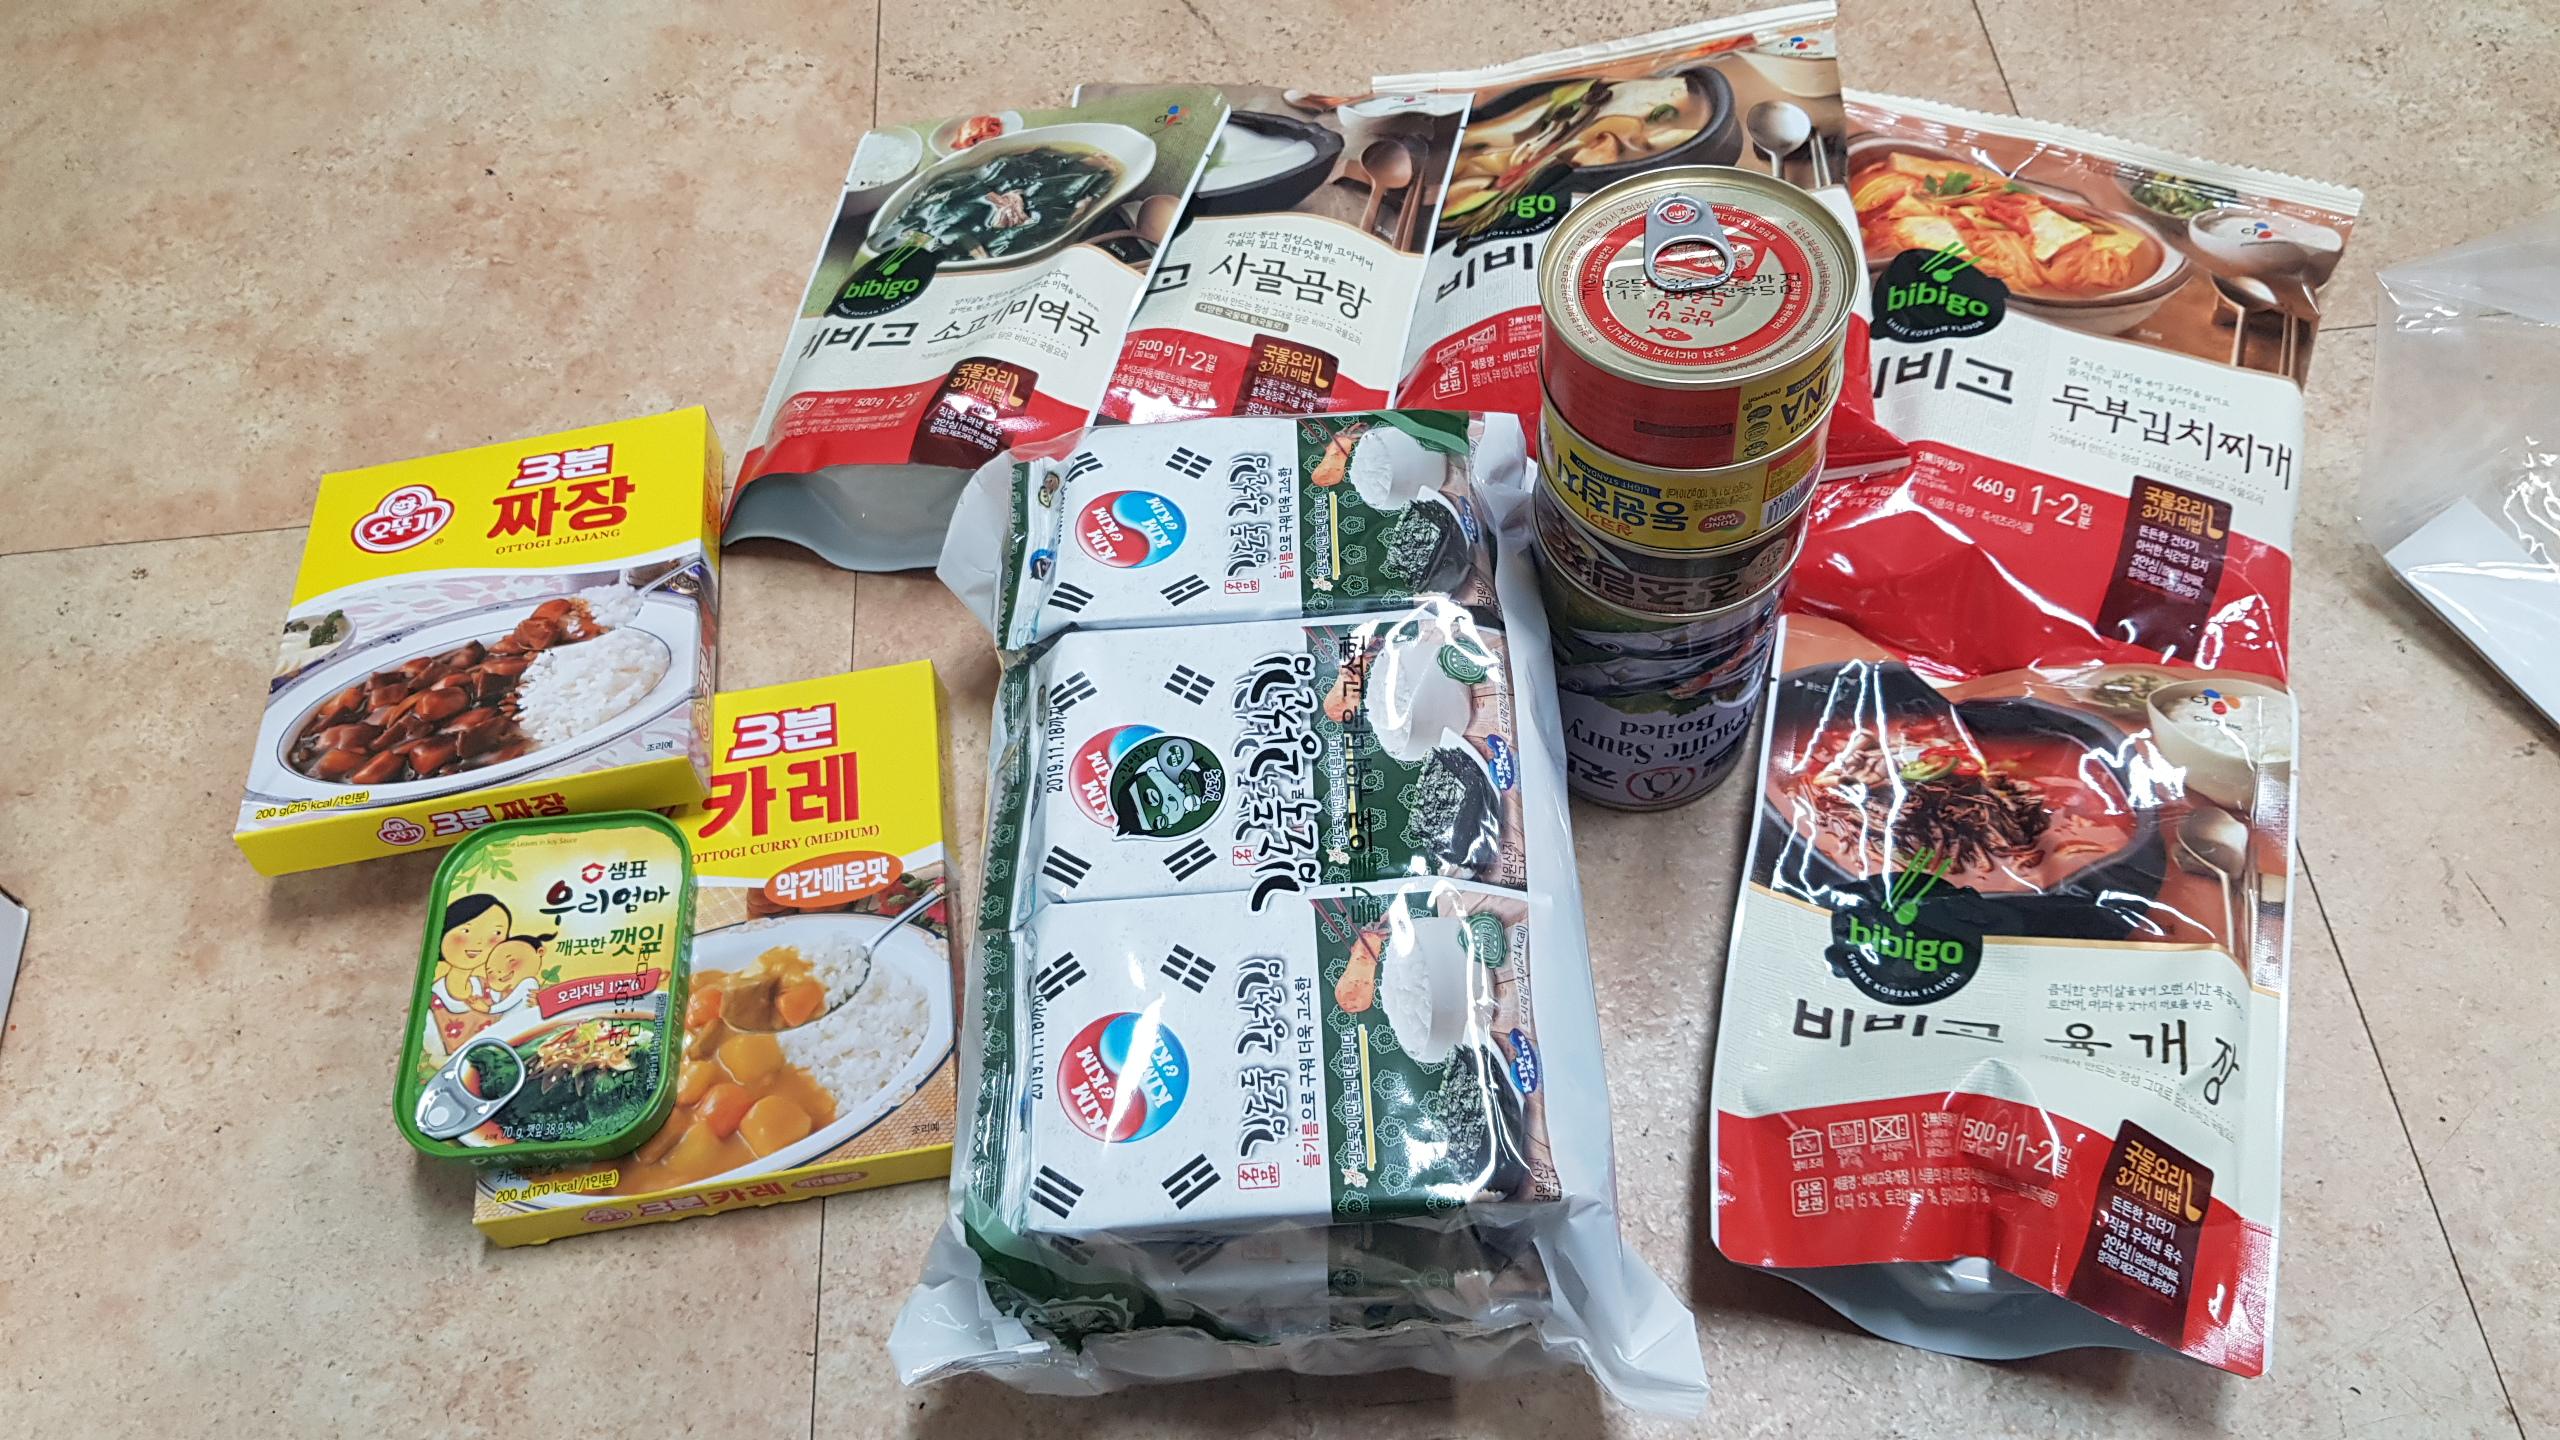 동계생활물품 식료품 키트 구성품